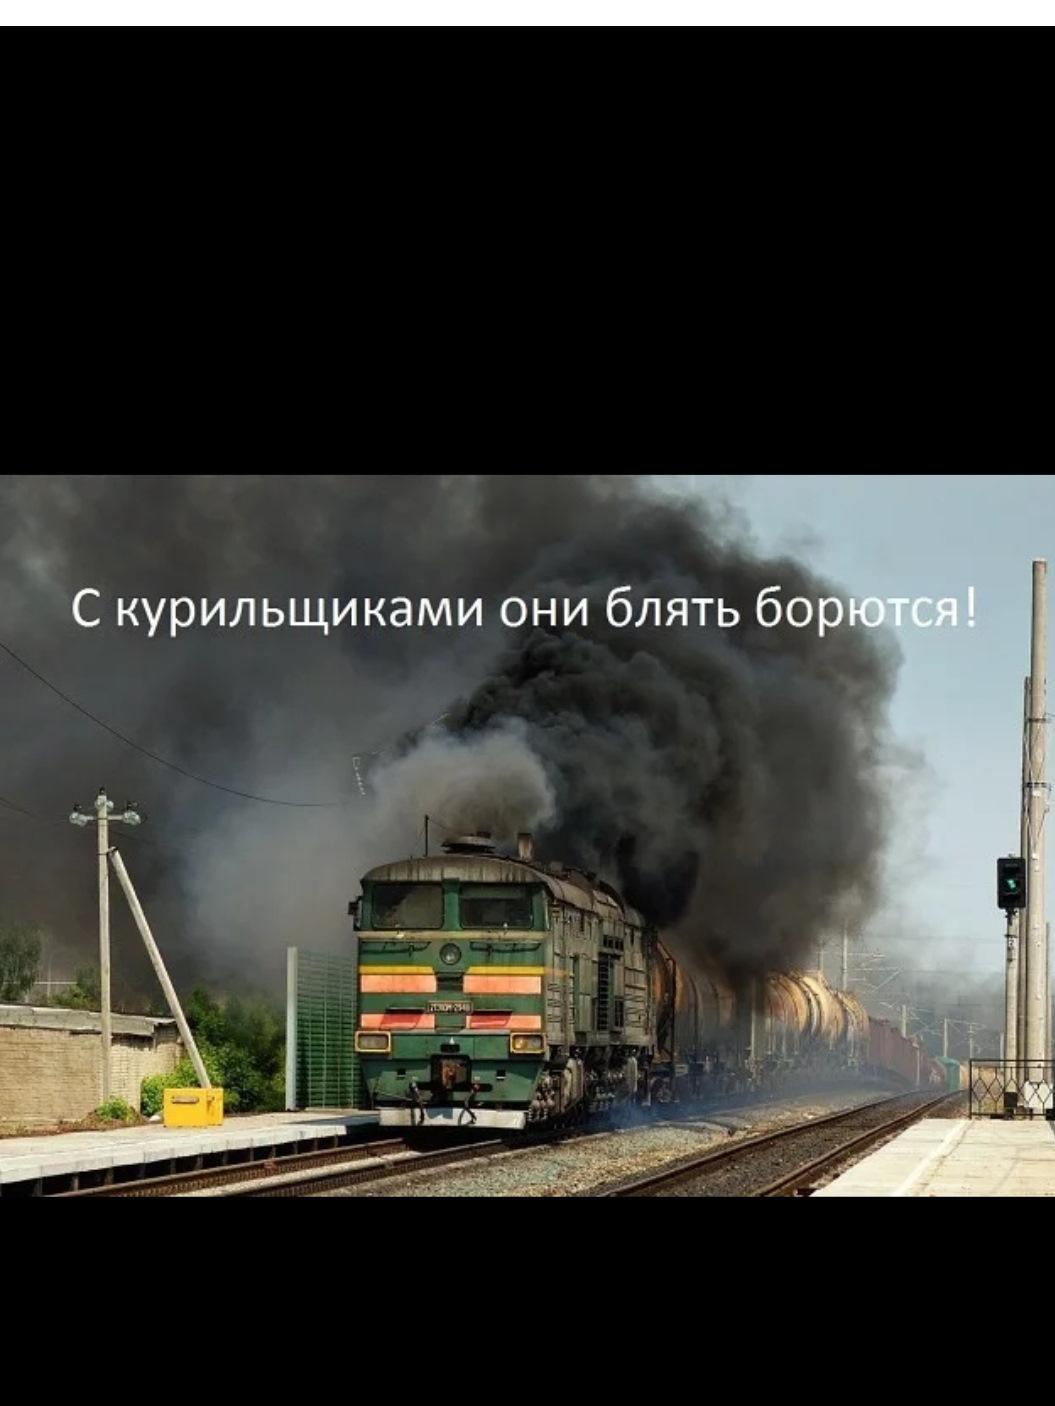 Фото с курением они борются